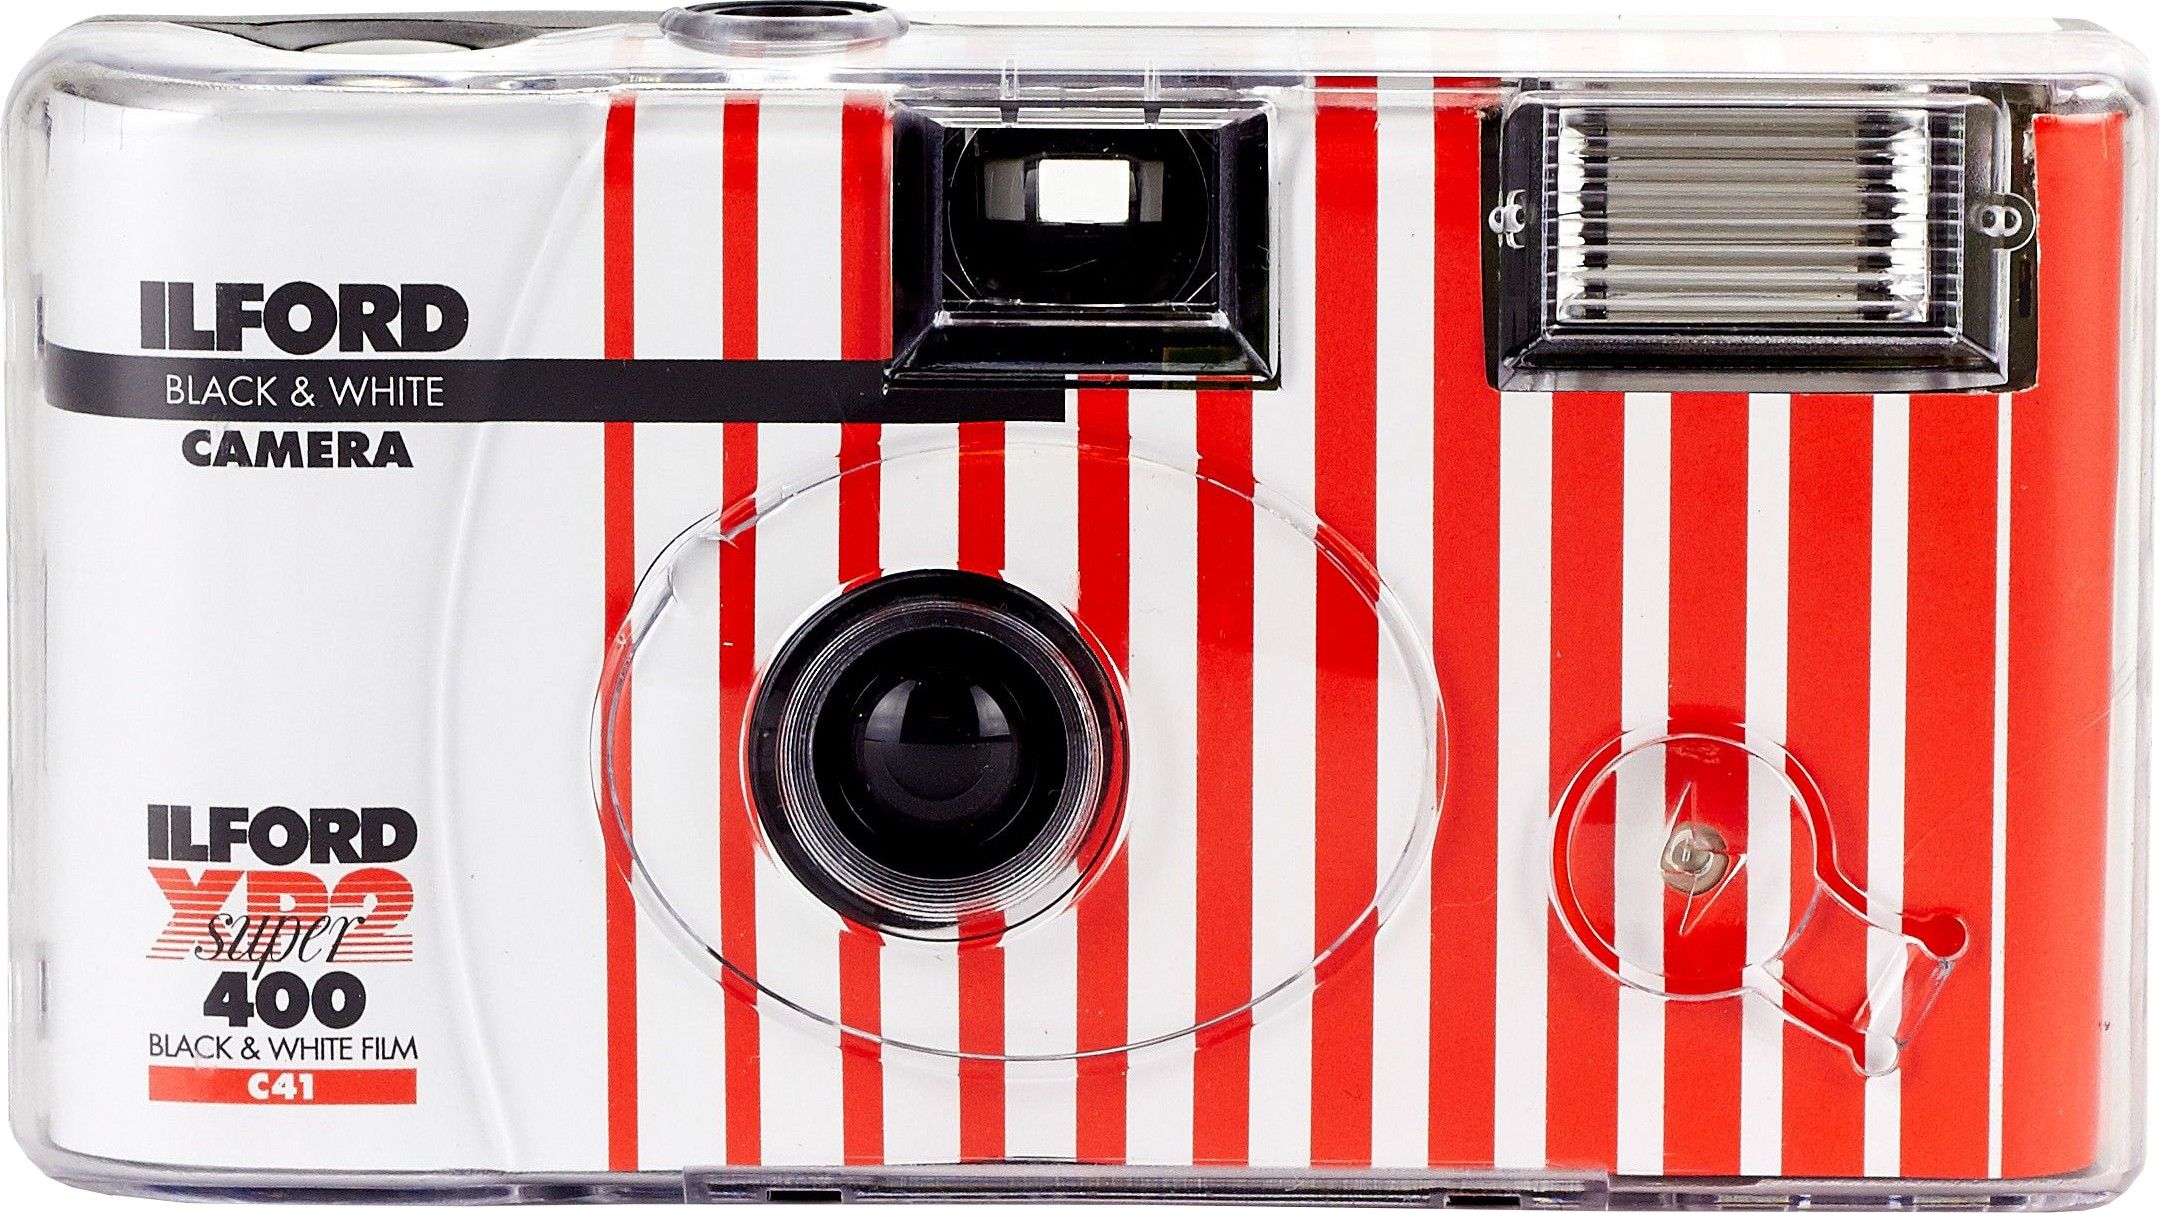 Ilford vienreizlietojamā kamera XP2 400/27 Digitālā kamera